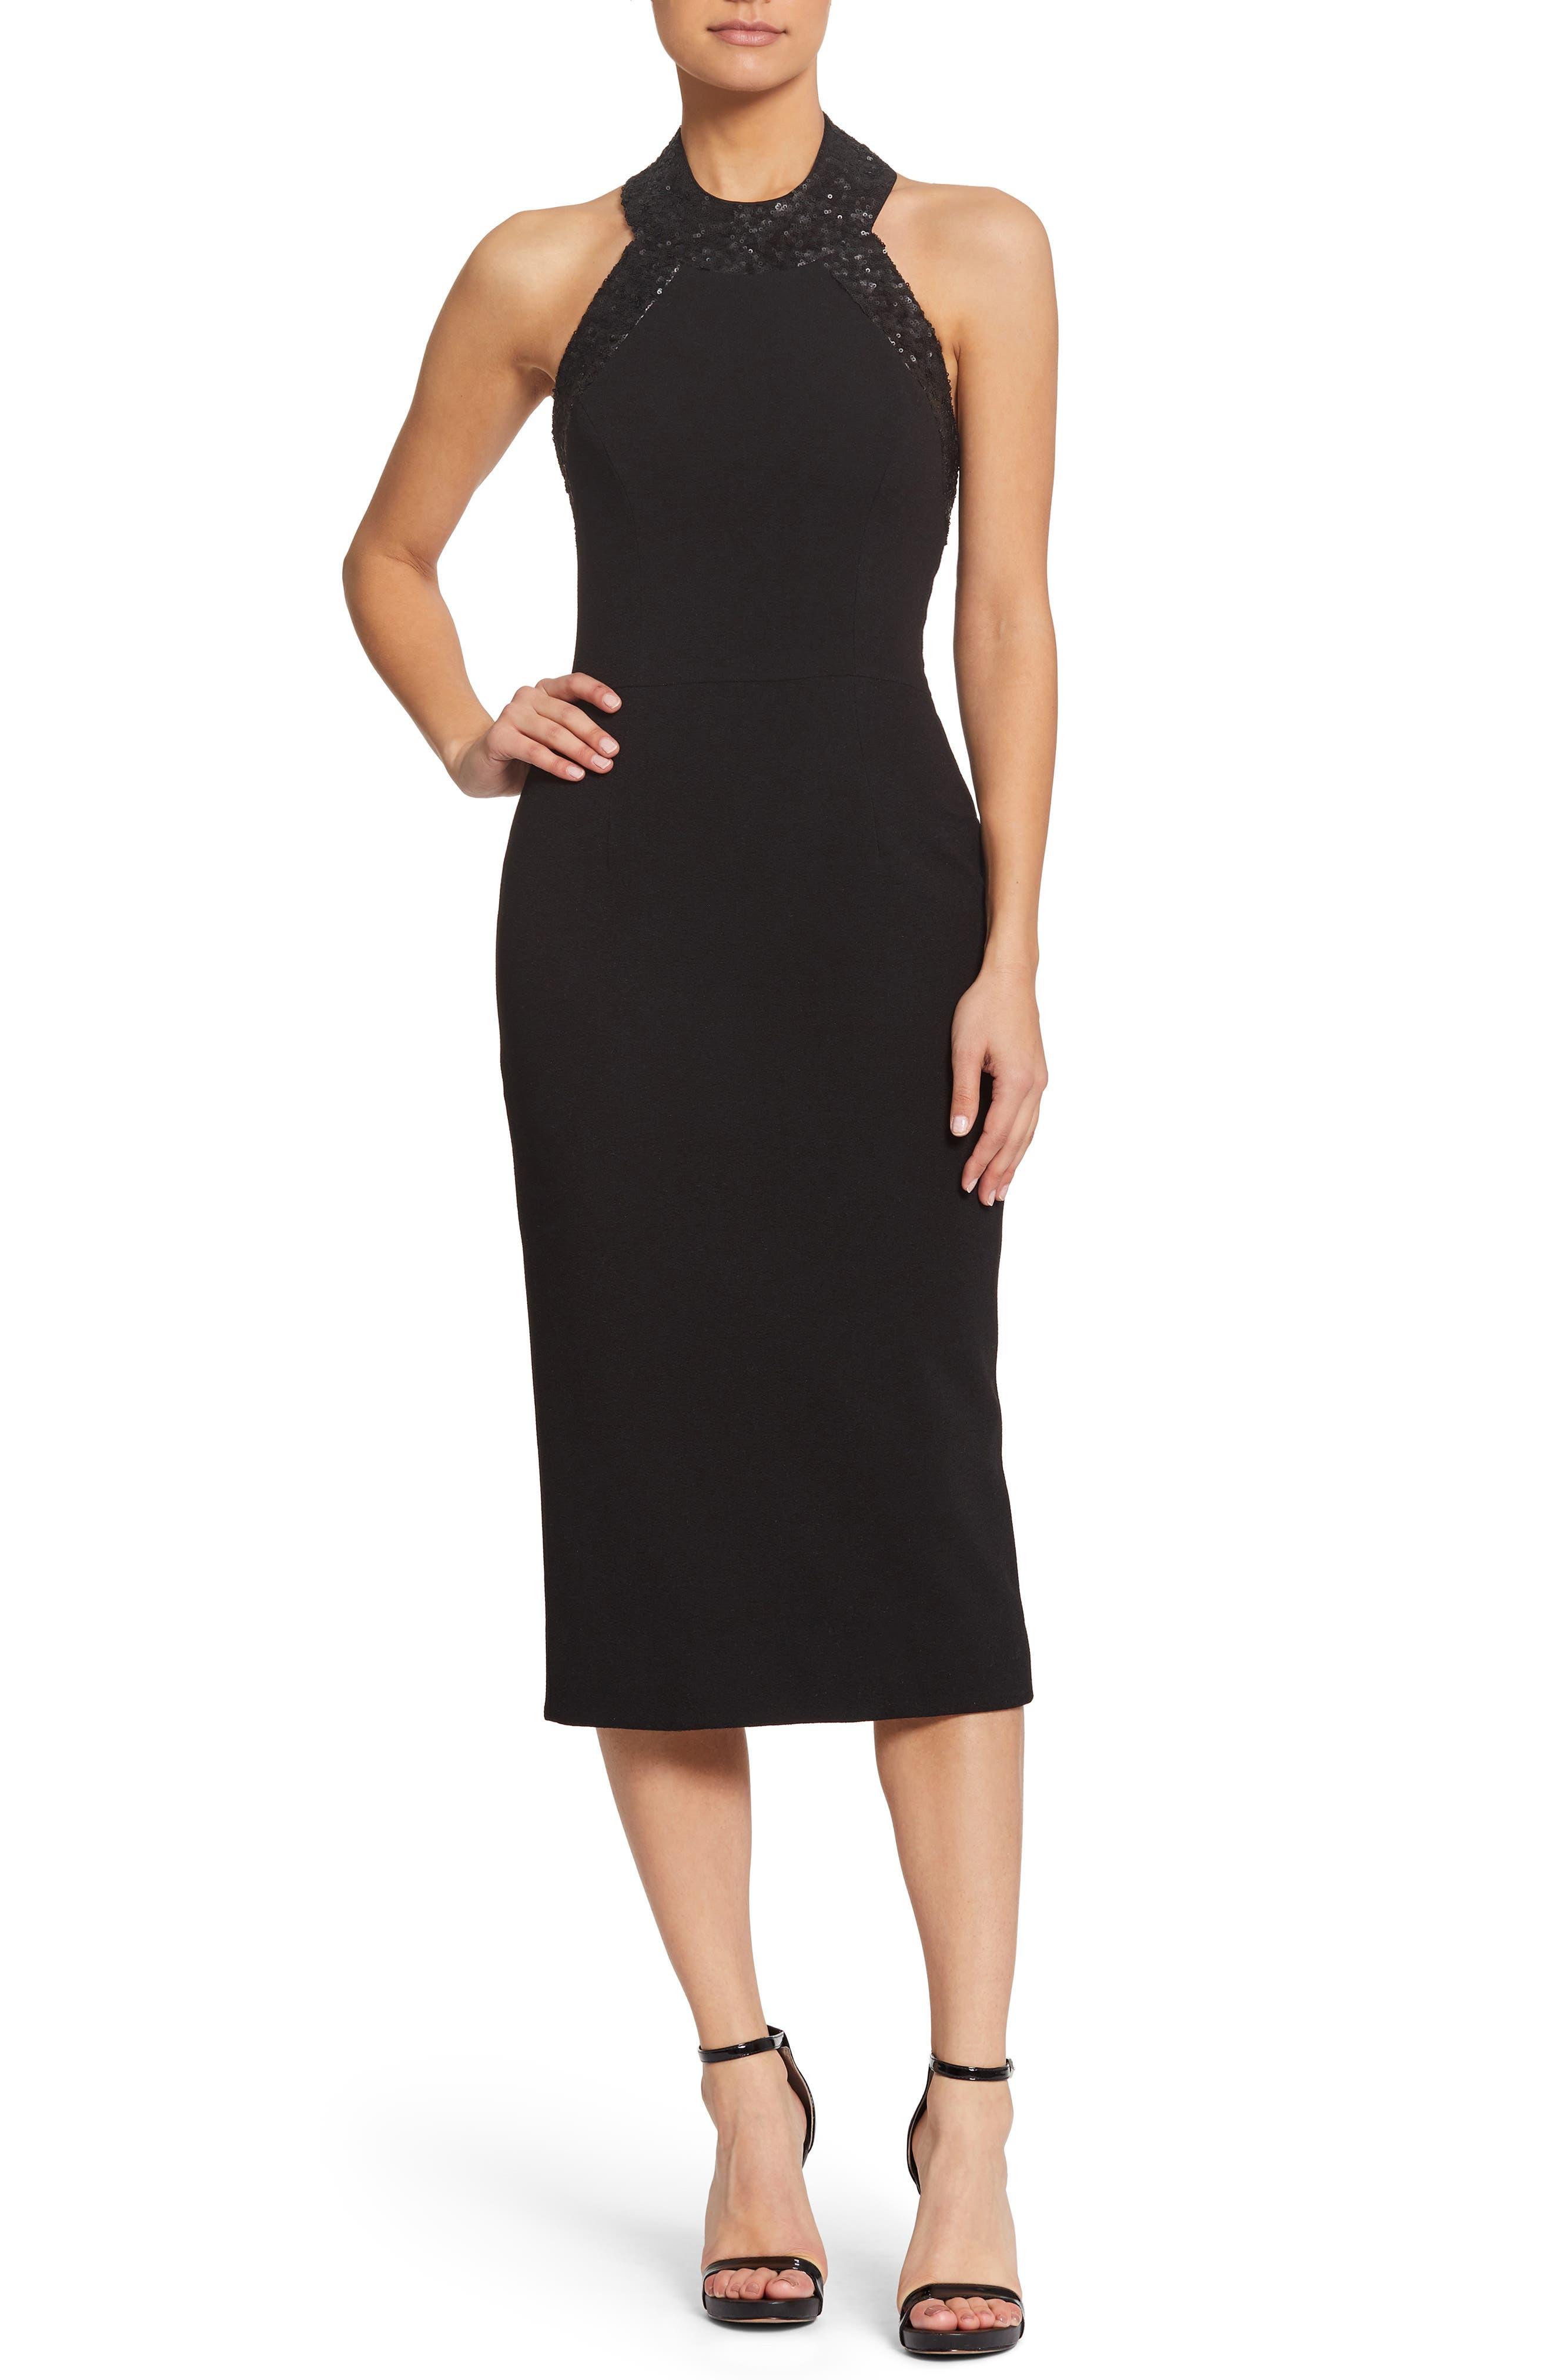 Black Halter Dresses for Women